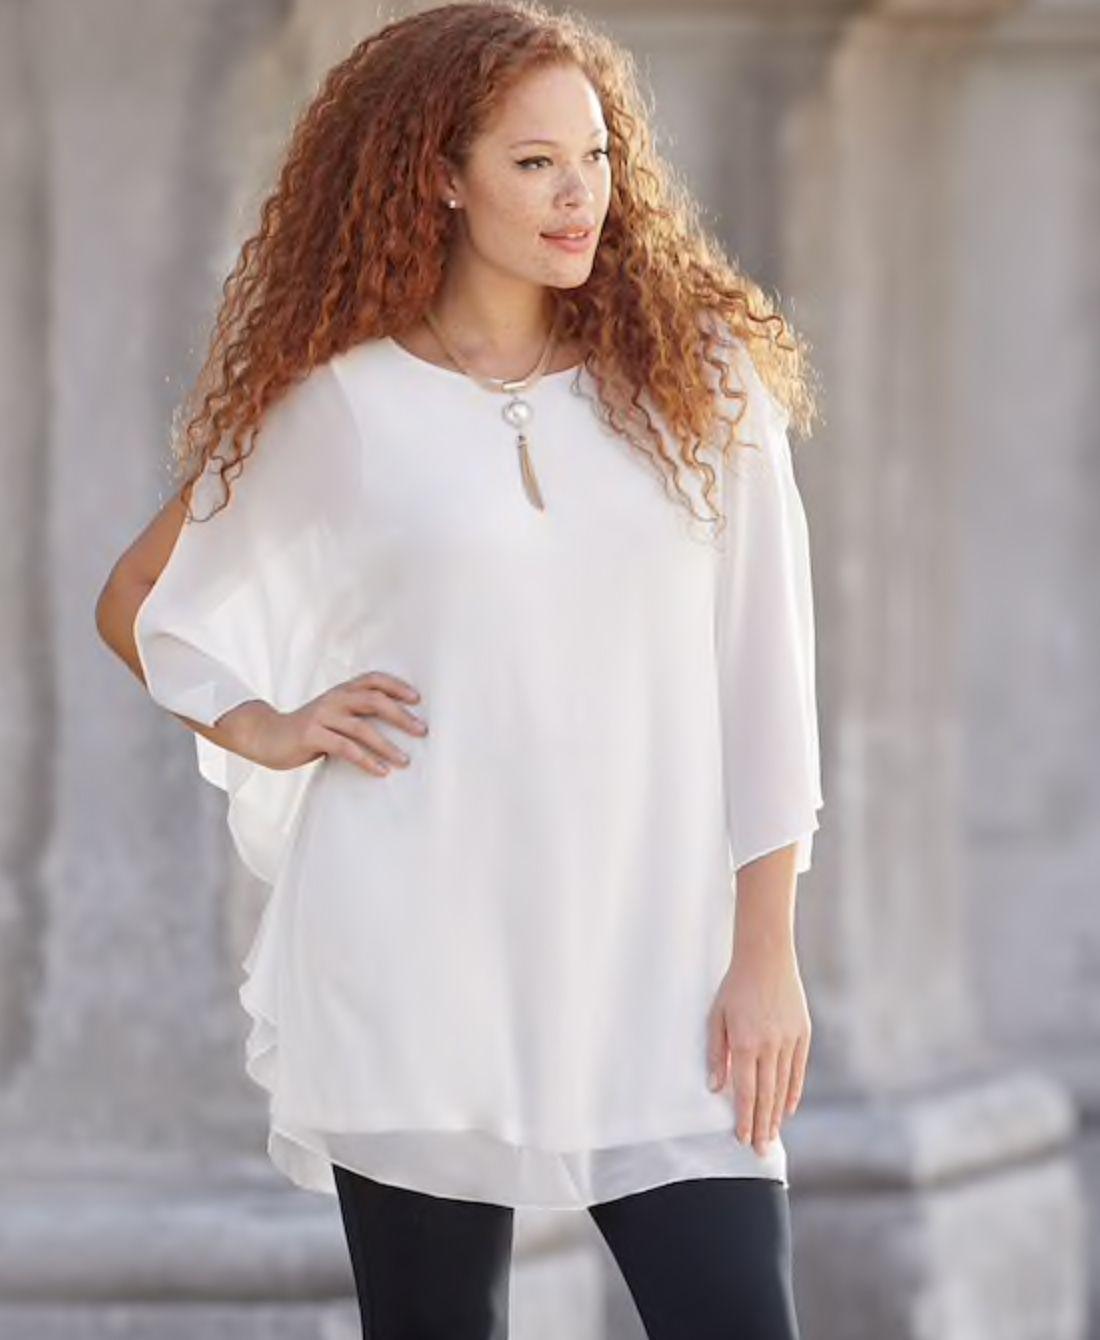 MM Sabina White shirt.jpg